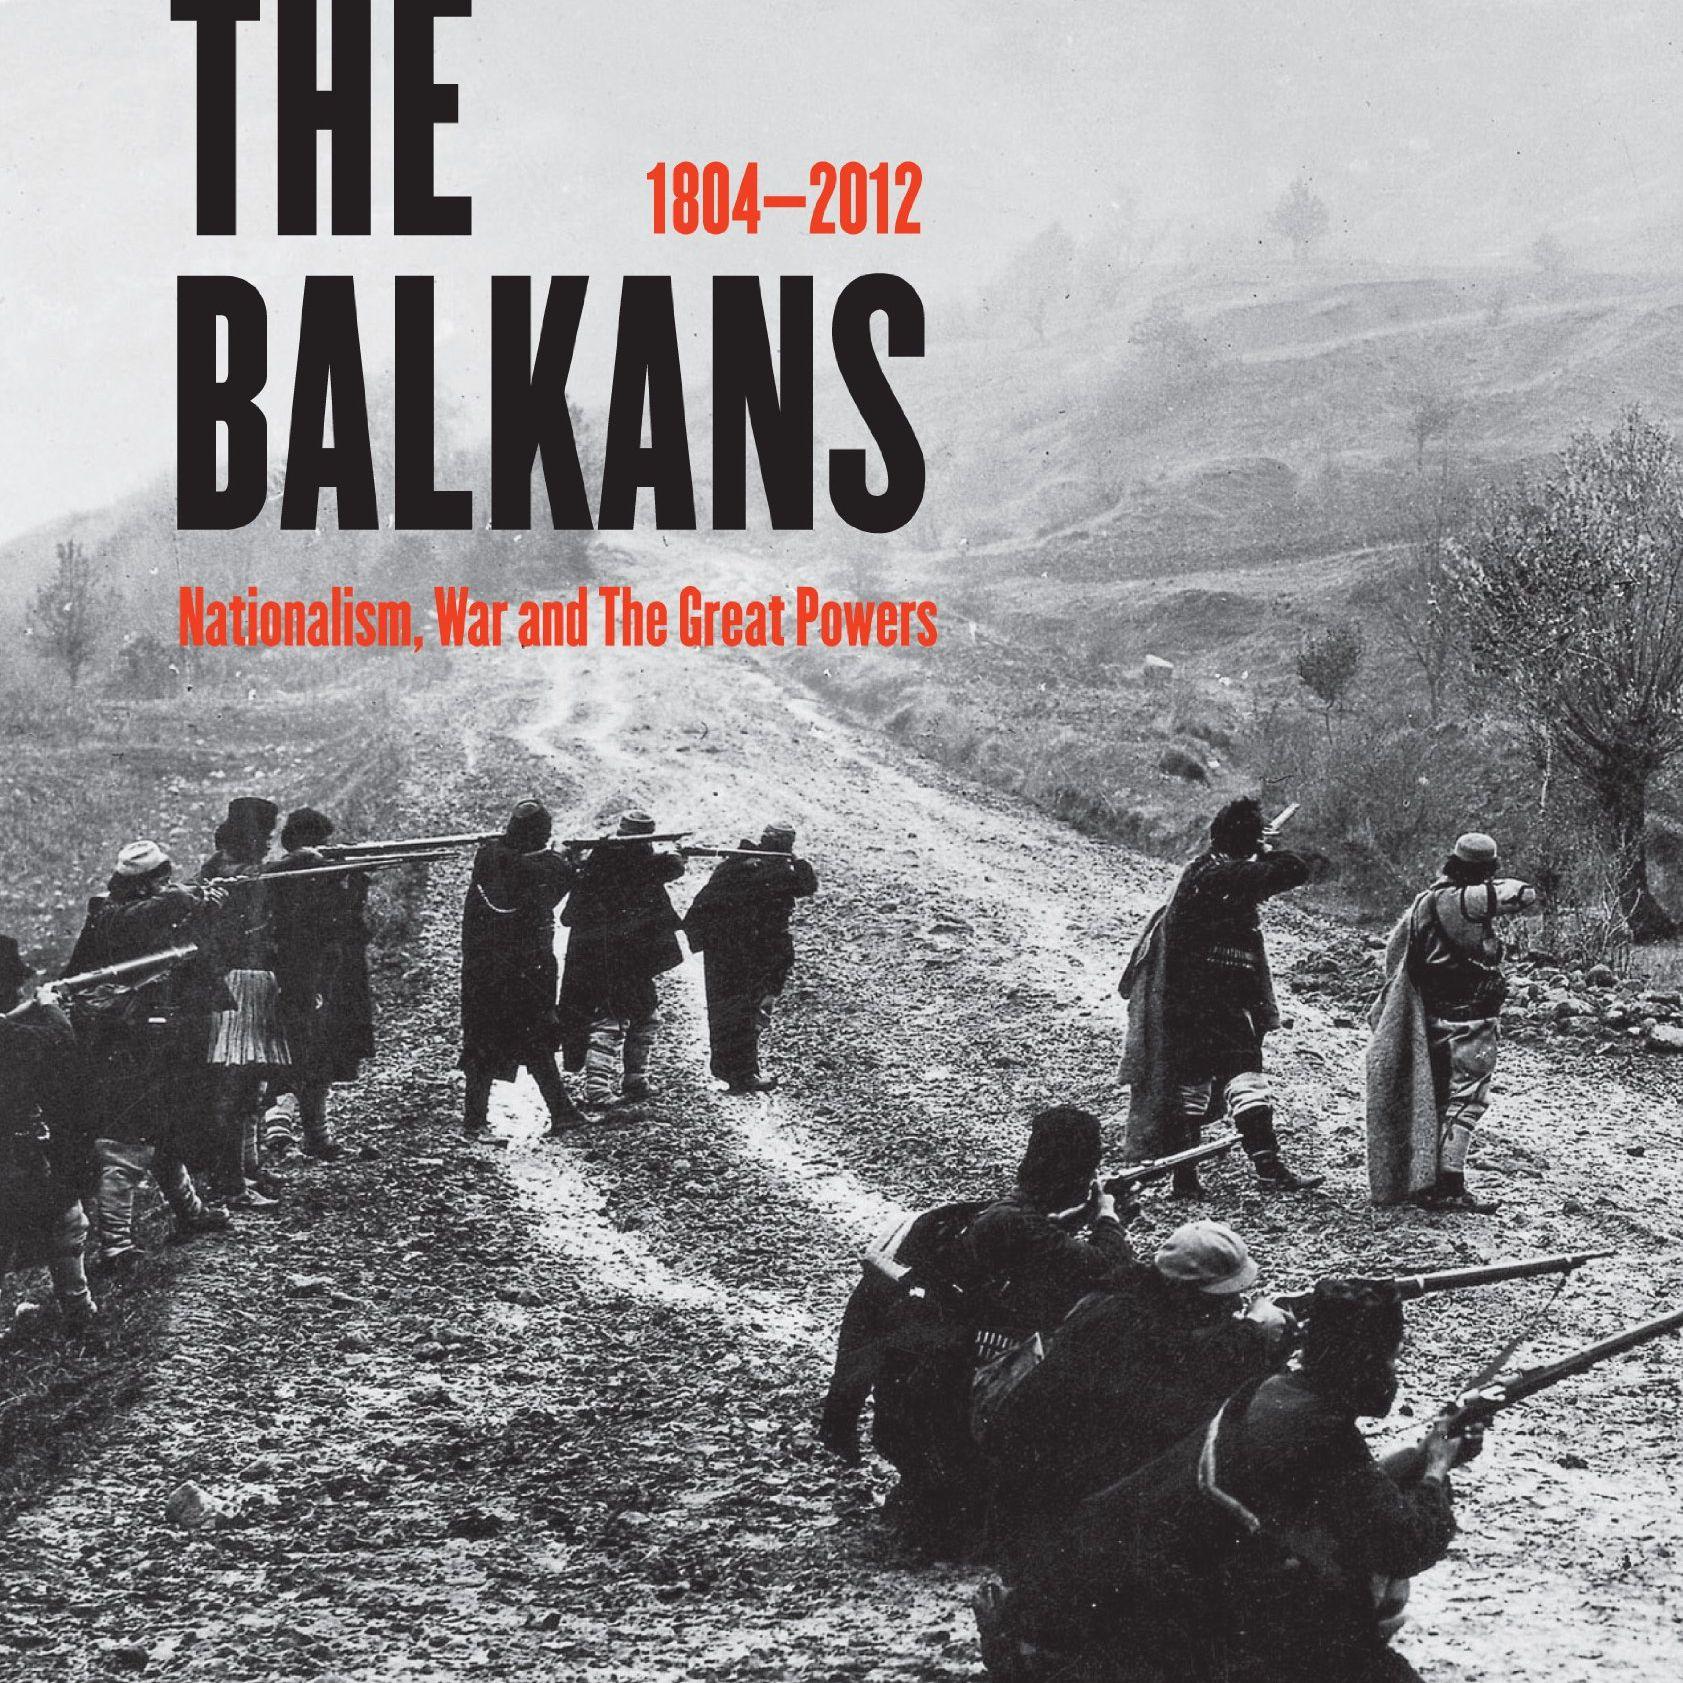 The Balkans 1804 - 2012 by Misha Glenny